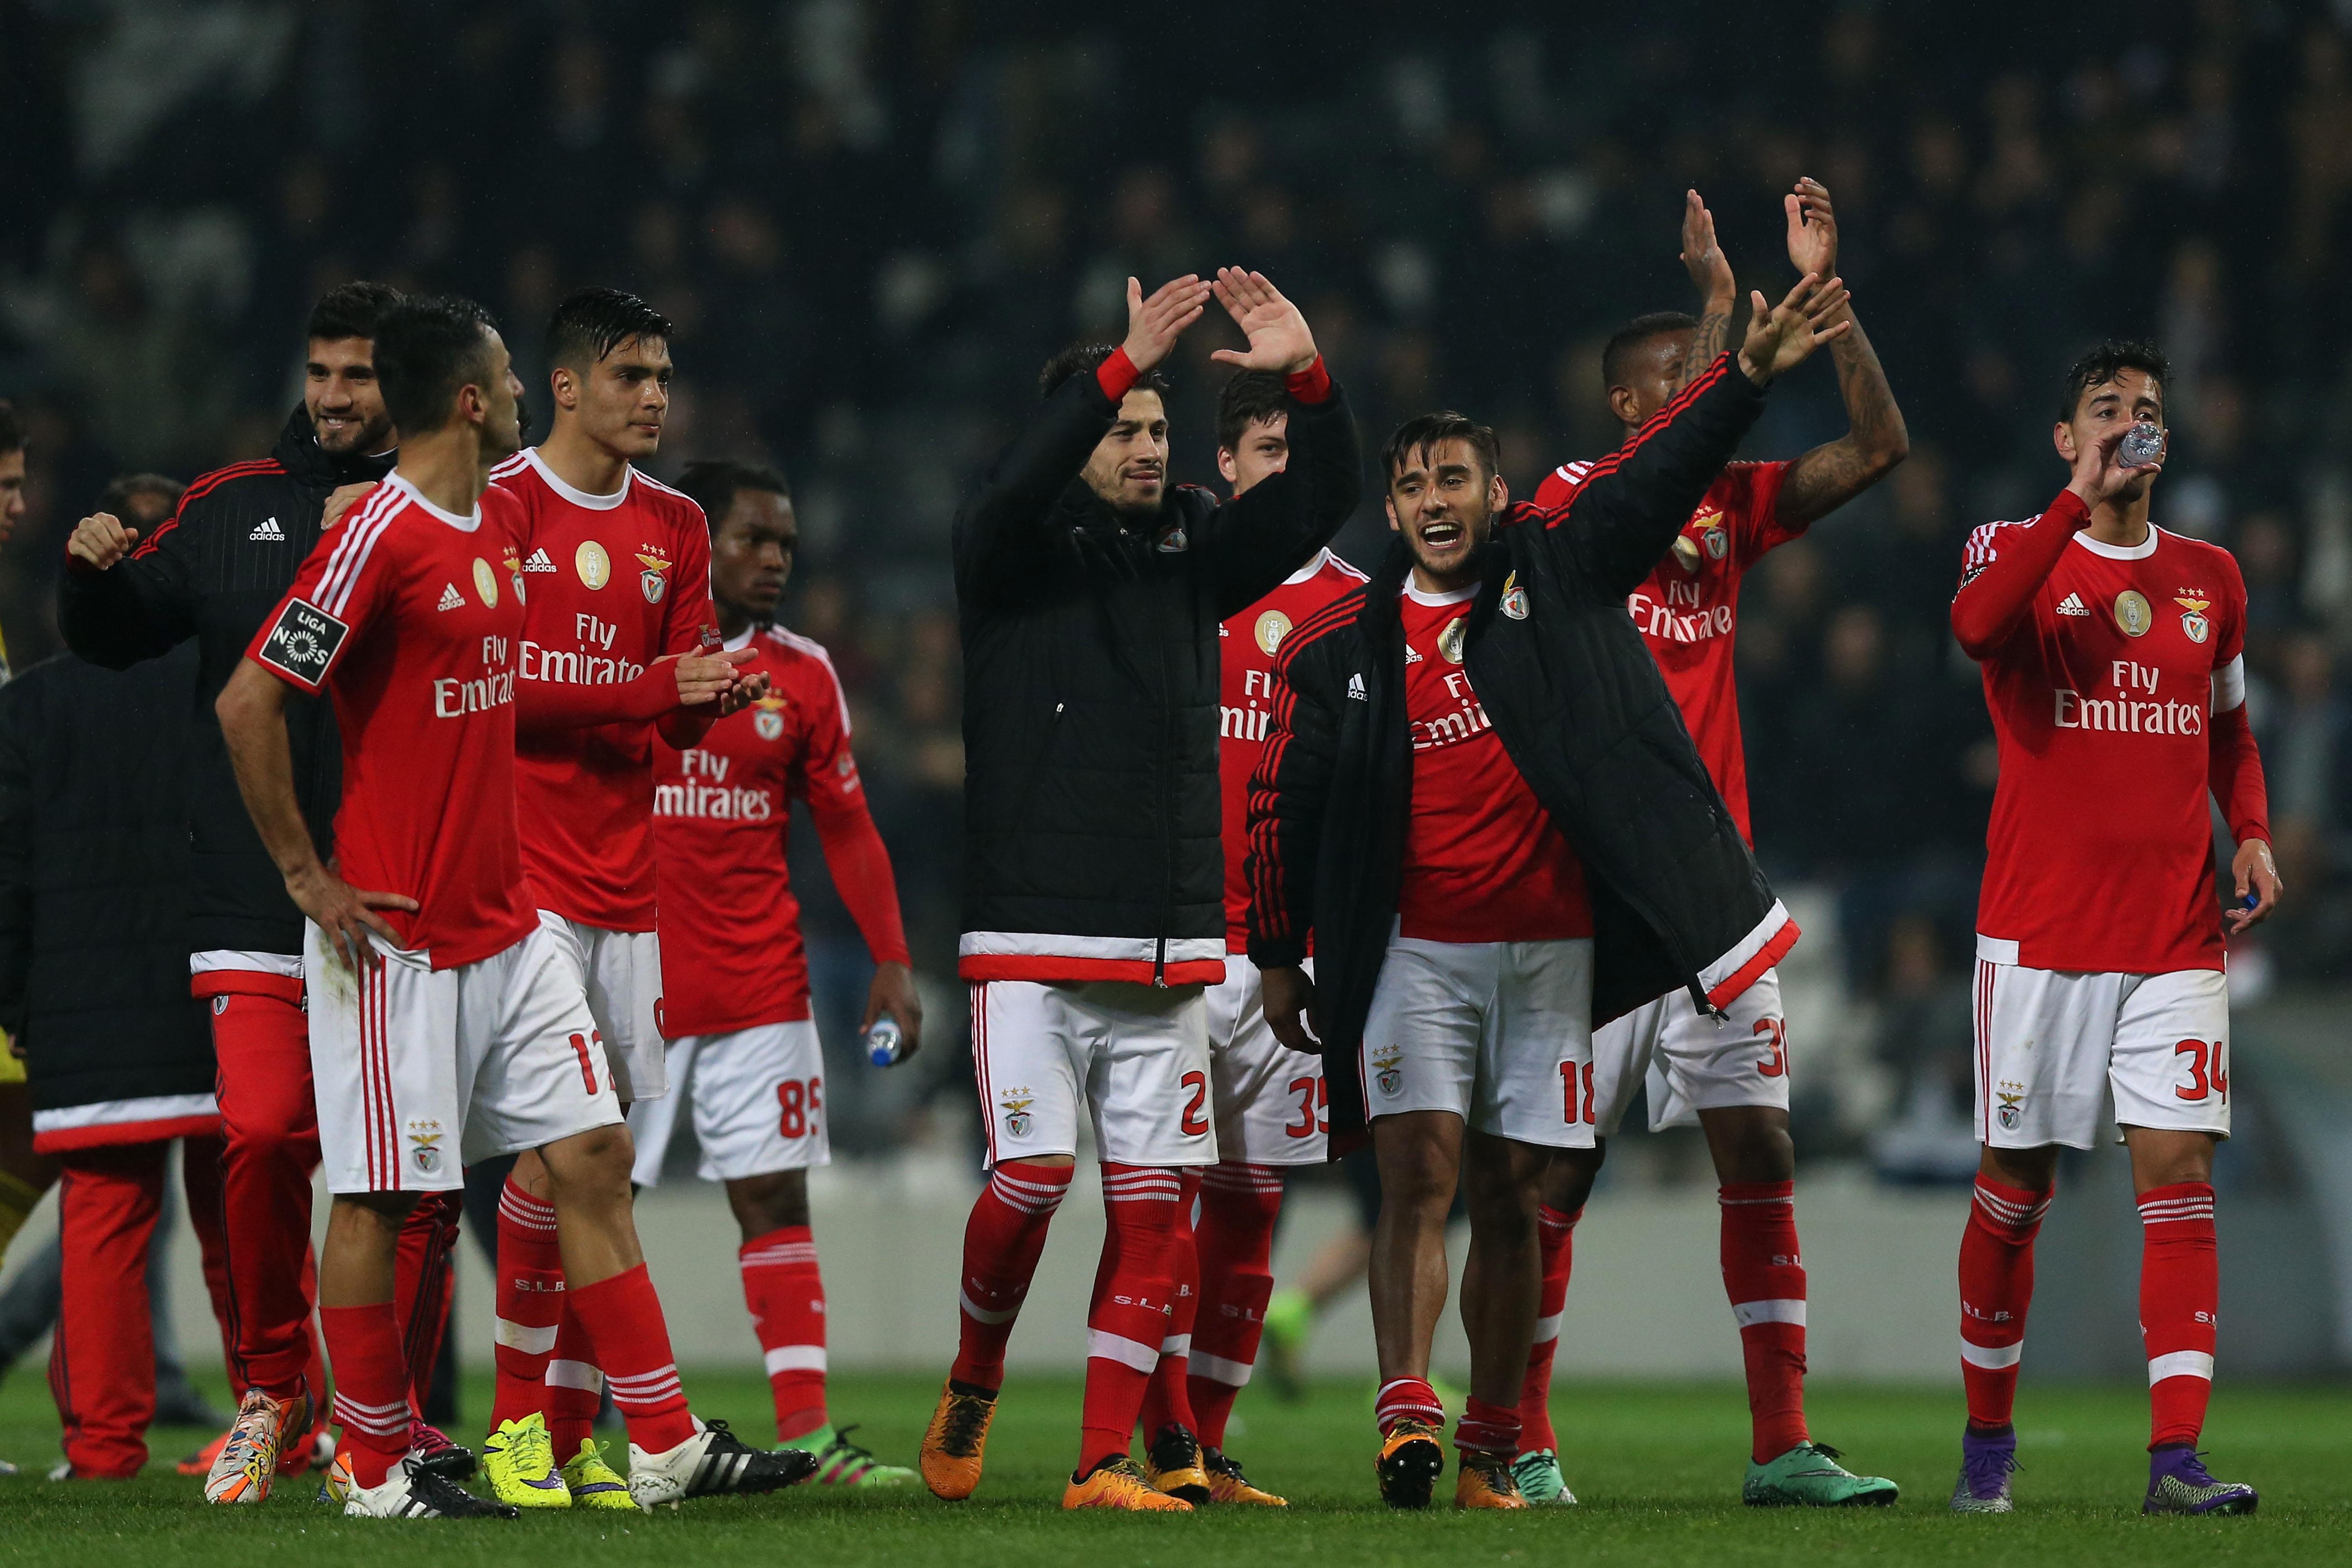 Benfica : l'exploit, et si c'était pour eux ?